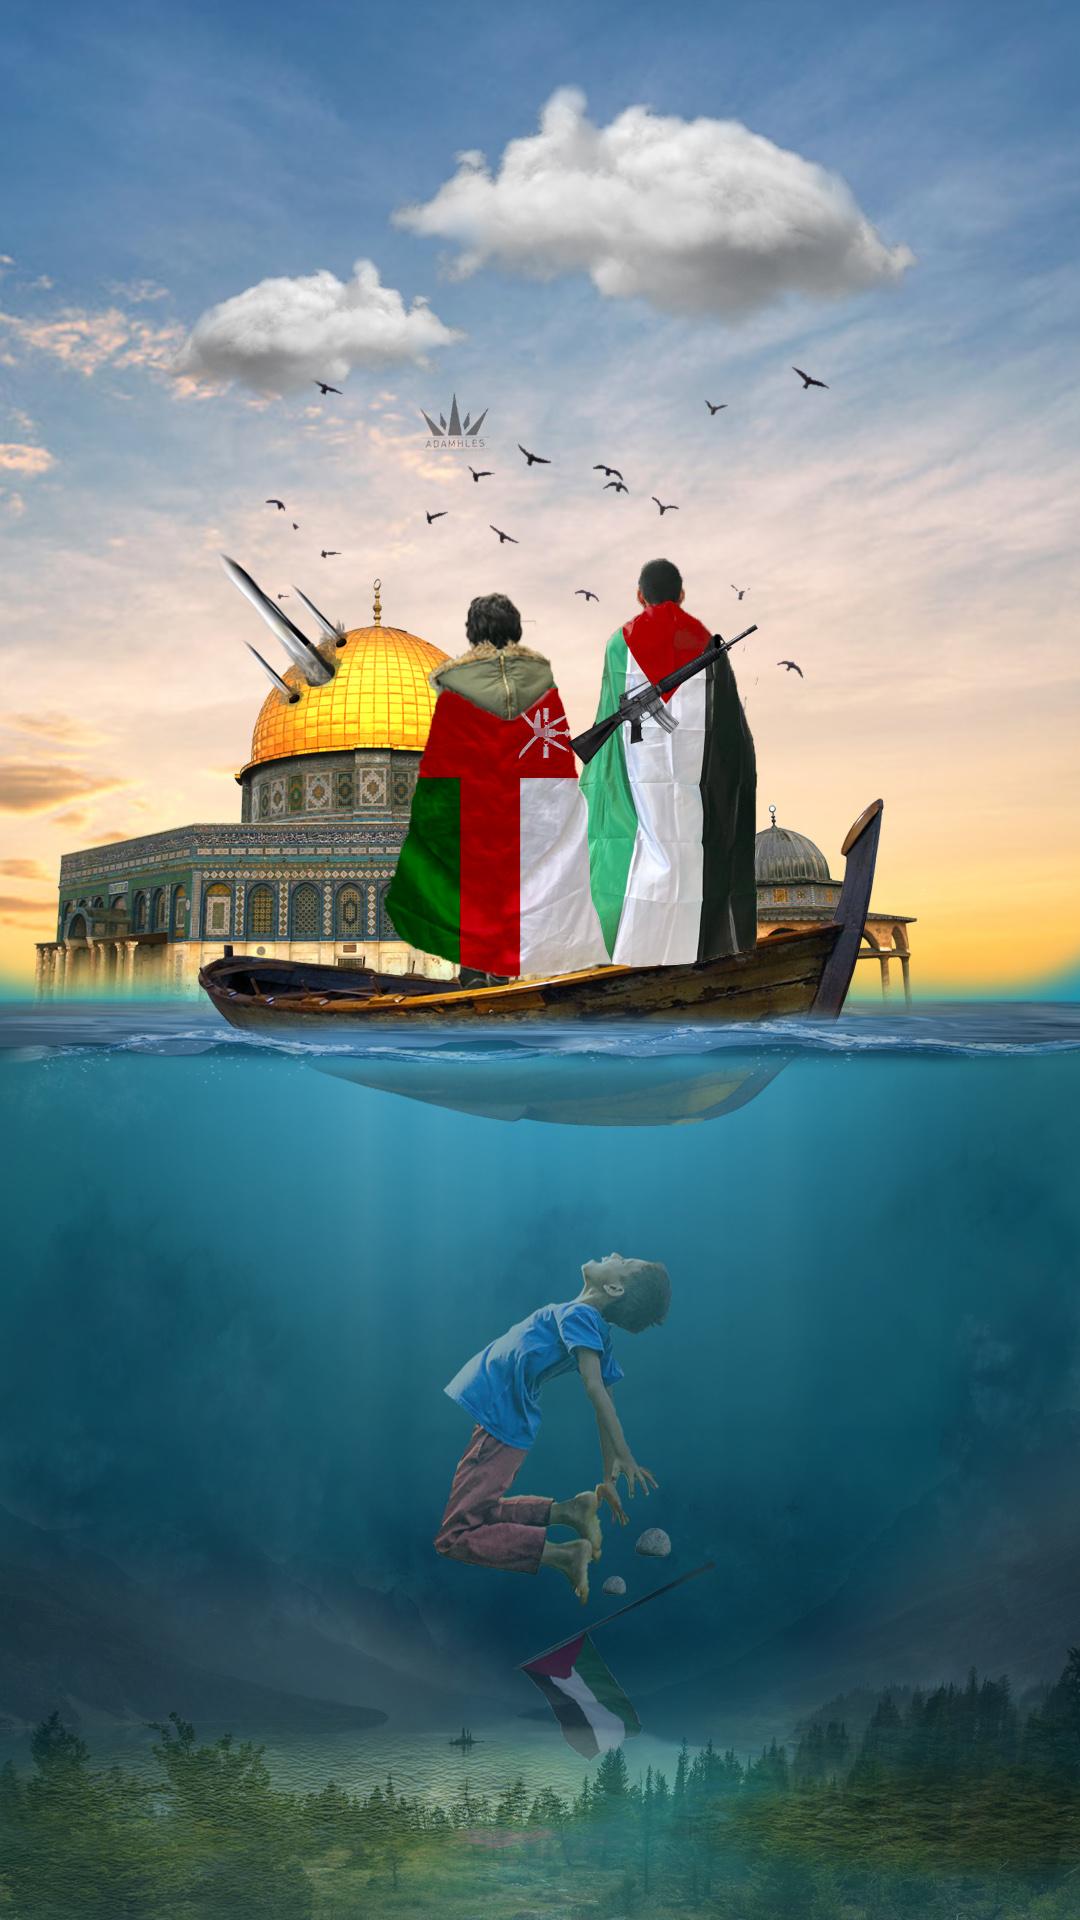 اجمل خلفية تصامن مع فلسطين علم عُمان وعلم فلسطين Flag Palestine and Oman